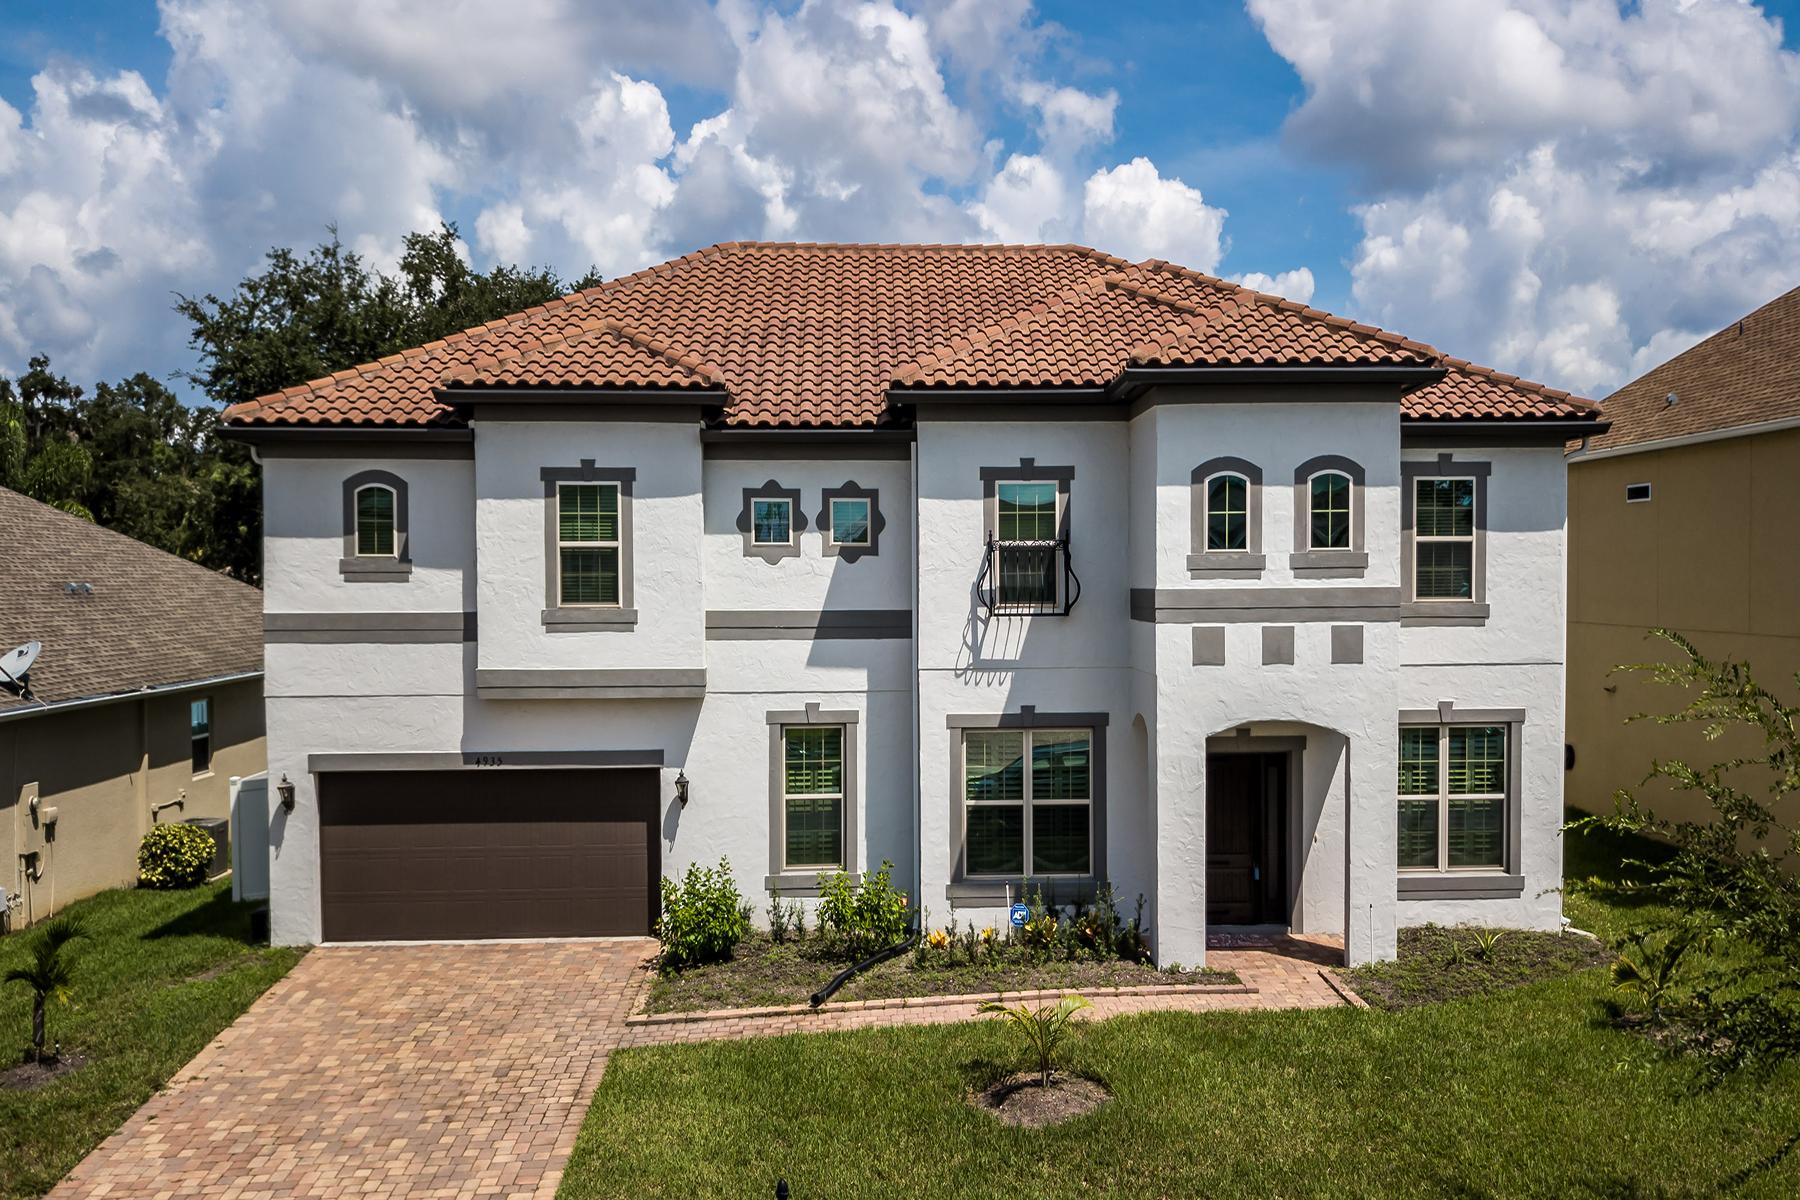 Einfamilienhaus für Verkauf beim ORLANDO - SAINT CLOUD 4935 Cypress Hammock Dr St. Cloud, Florida 34771 Vereinigte Staaten